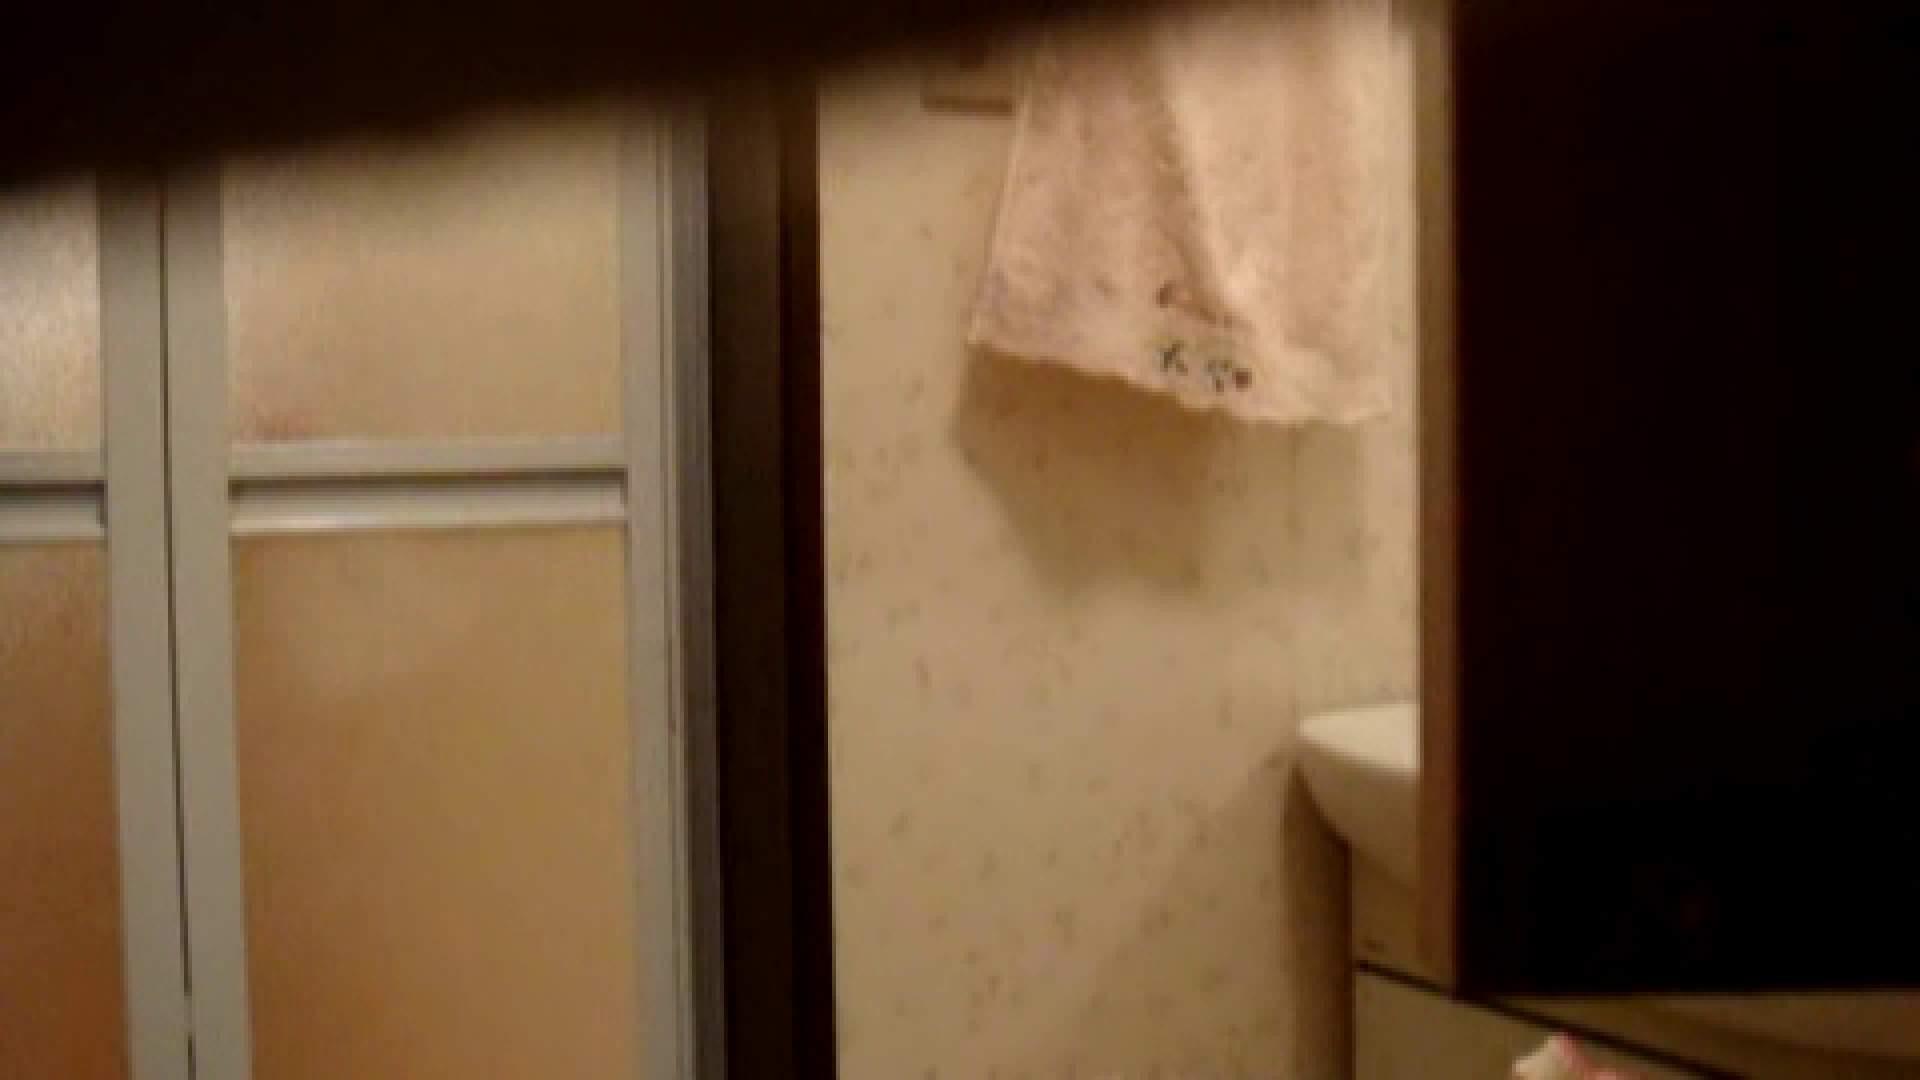 二人とも育てた甲斐がありました… vol.08 まどかの入浴中にカメラに気付いたか!? OLのエロ生活  71連発 8